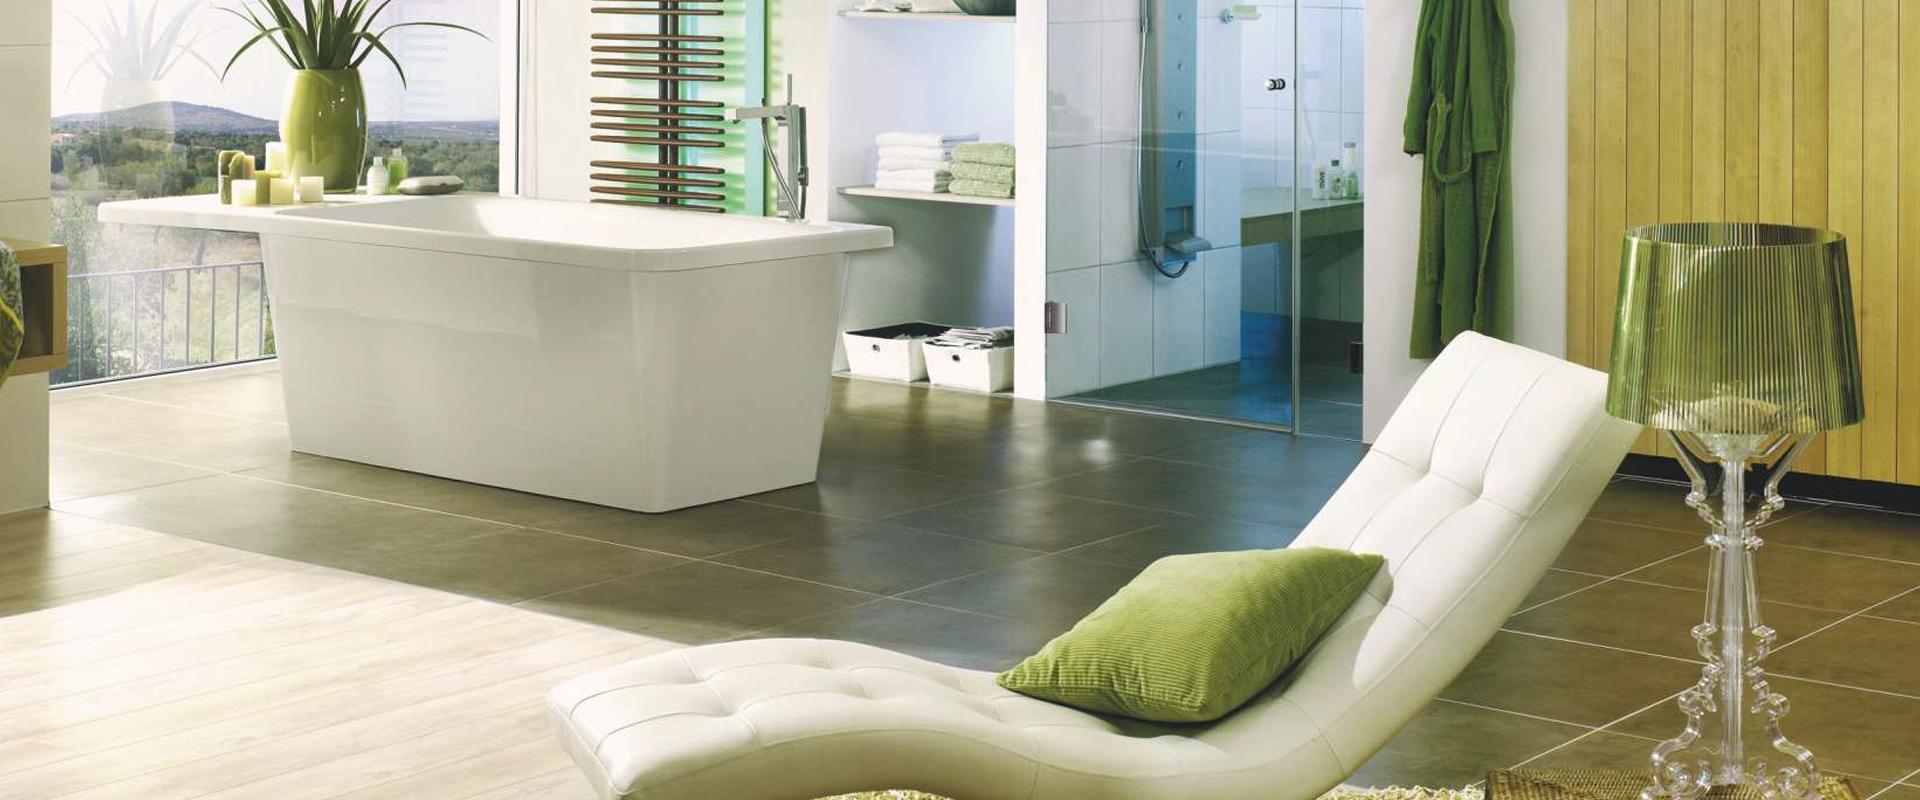 Varoiglass zuhanykabinok